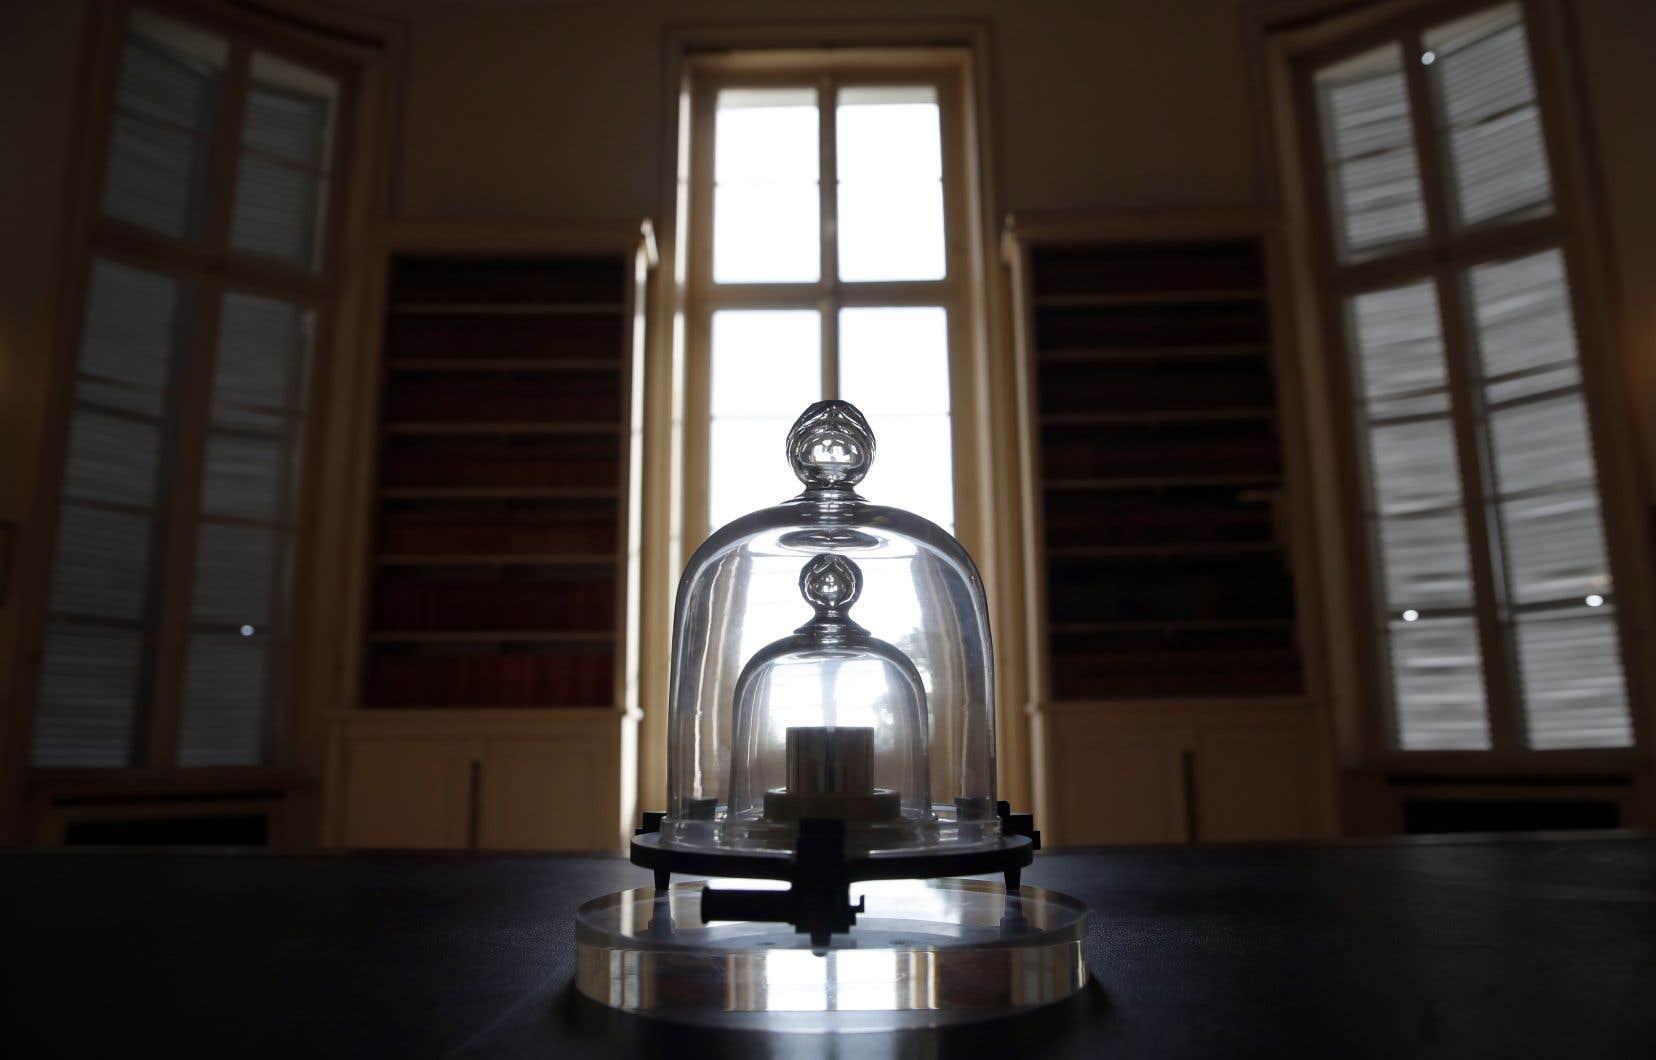 Jusqu'à présent, la masse du kilo était définie par le grand-père de tous les kilos: un cylindre en métal de la taille d'une balle de golf enfermé dans une chambre forte en France.